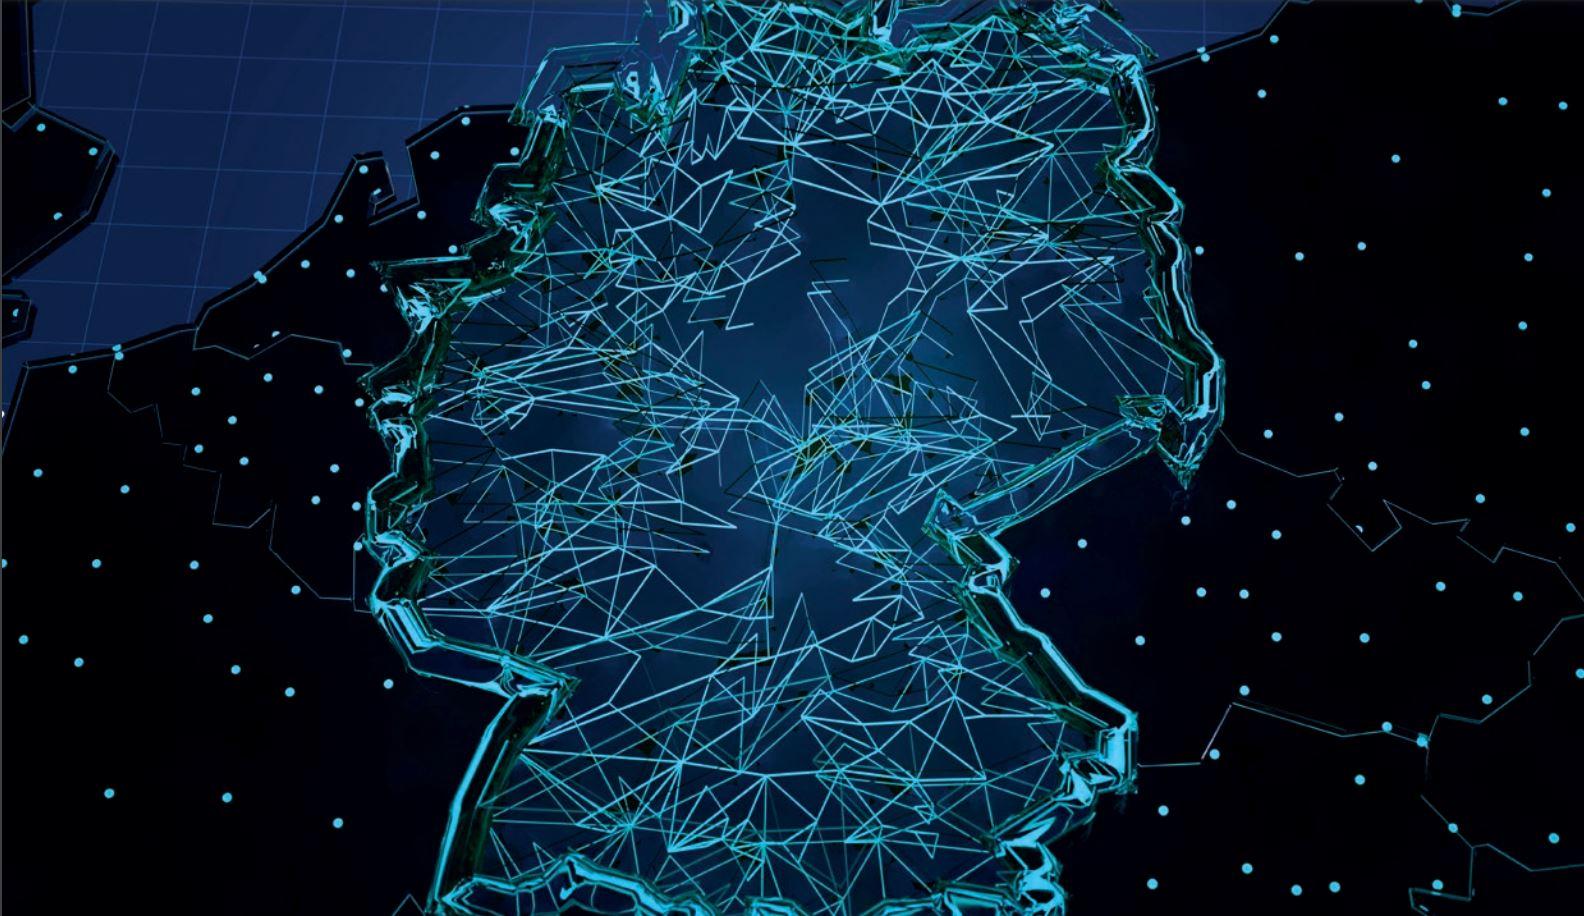 Titel-Illustration des BSI-Lagebericht der IT-Sicherheit 2020: eine abstrakte Deutschlandkarte